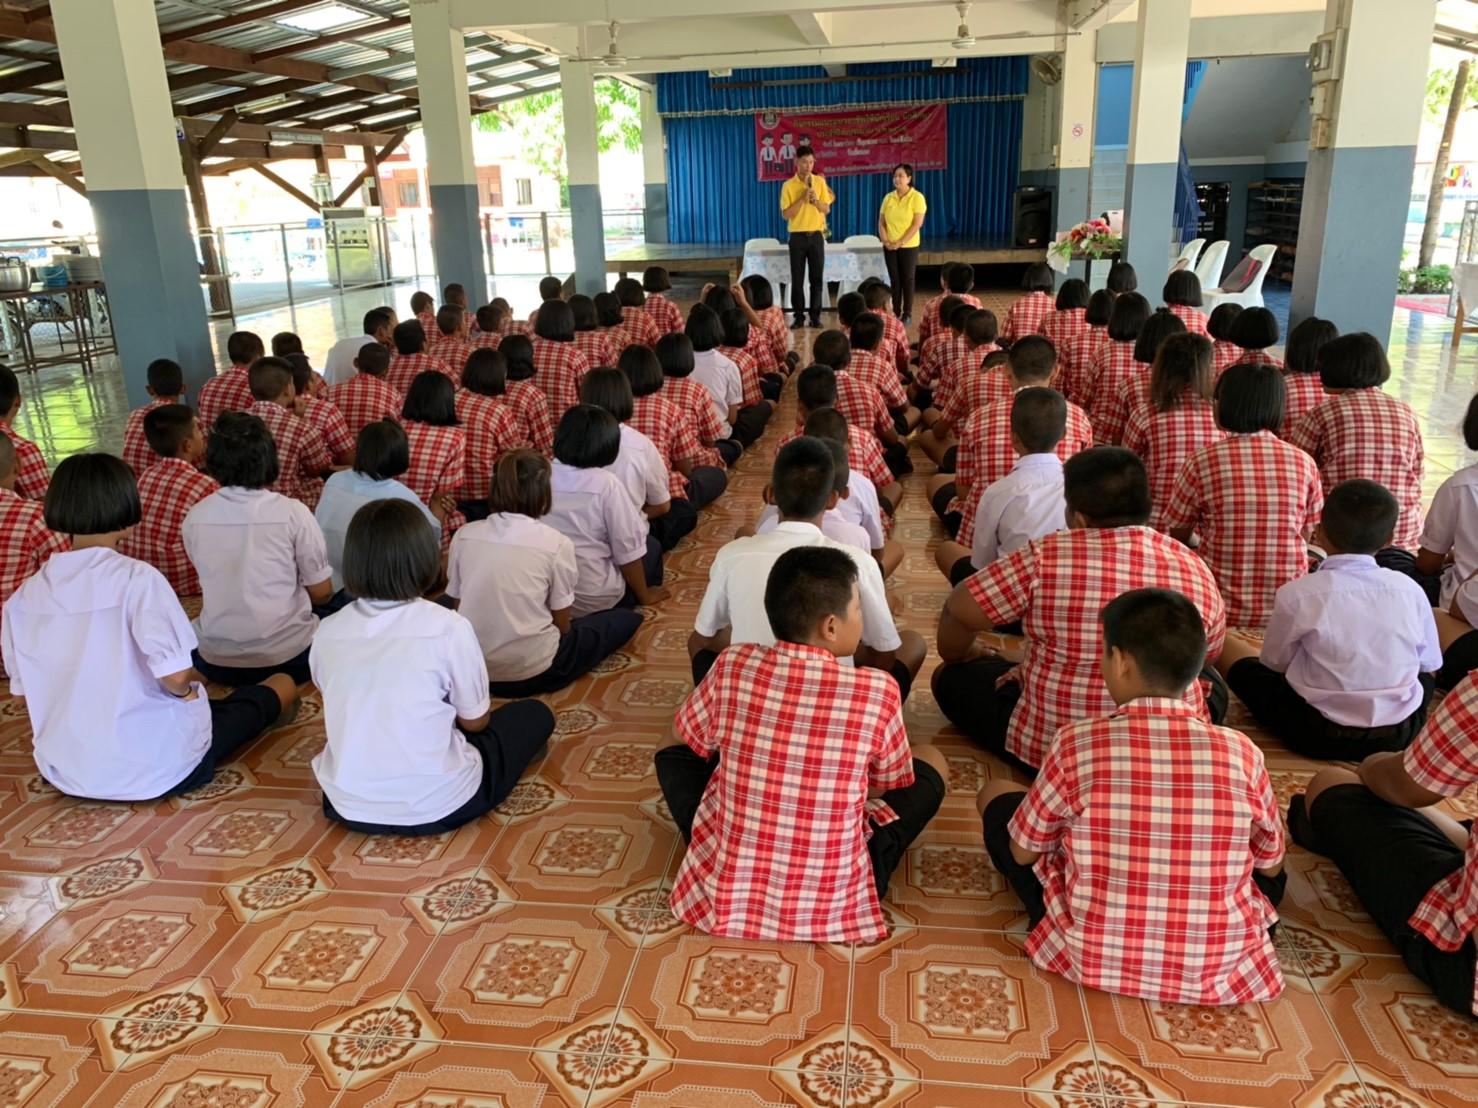 ดำเนินกิจกรรมแนะแนวอาชีพให้นักเรียน นักศึกษา ประจำปีงบประมาณ 2562